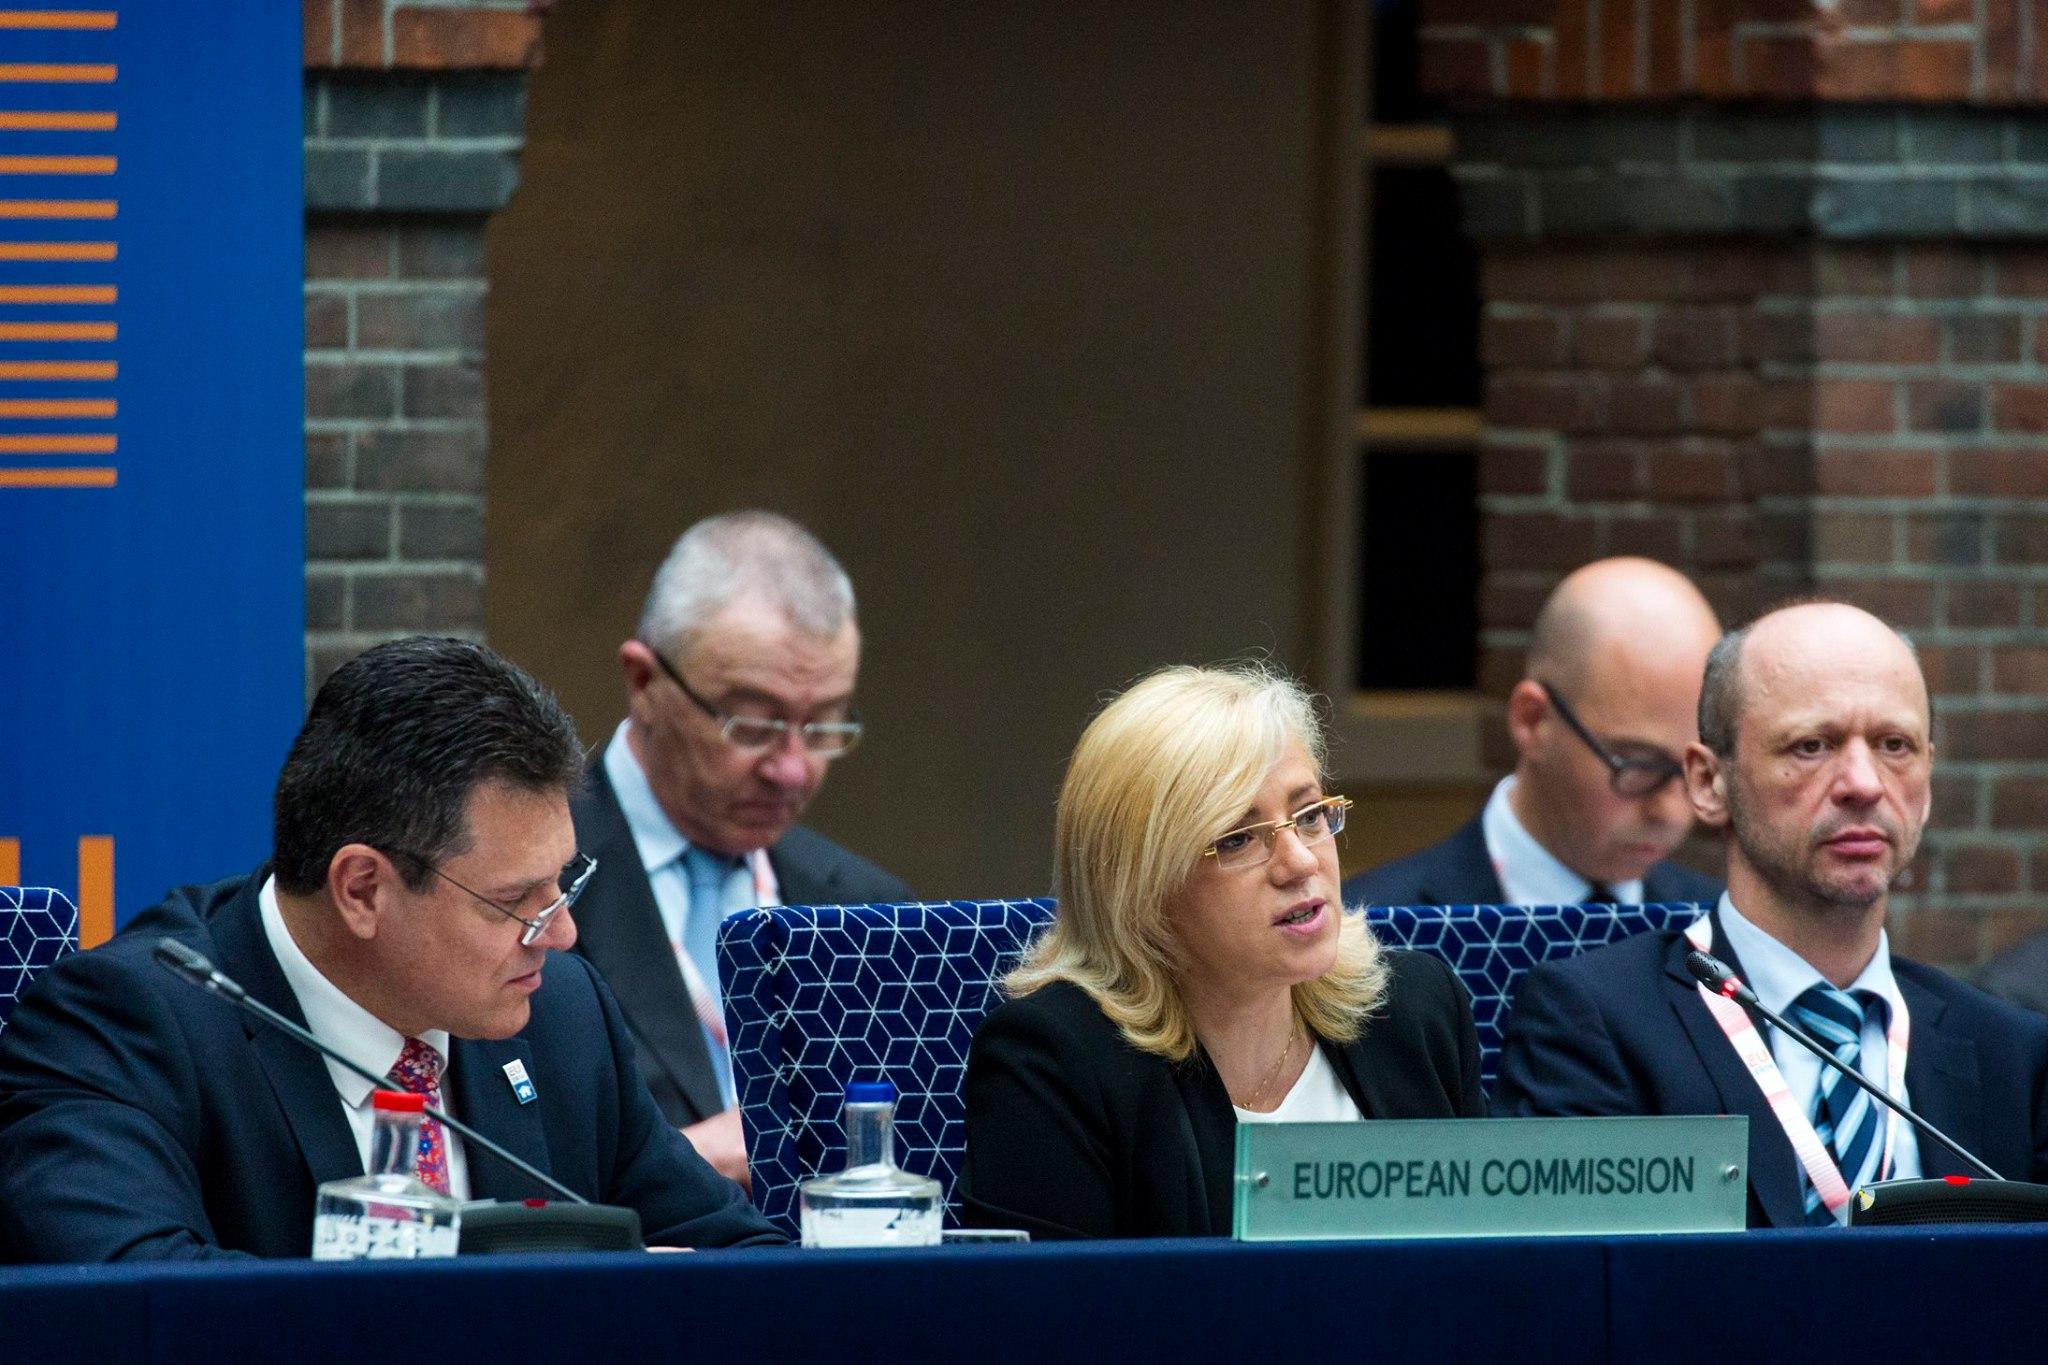 Imagini pentru agenda urbana Comisia Europeană